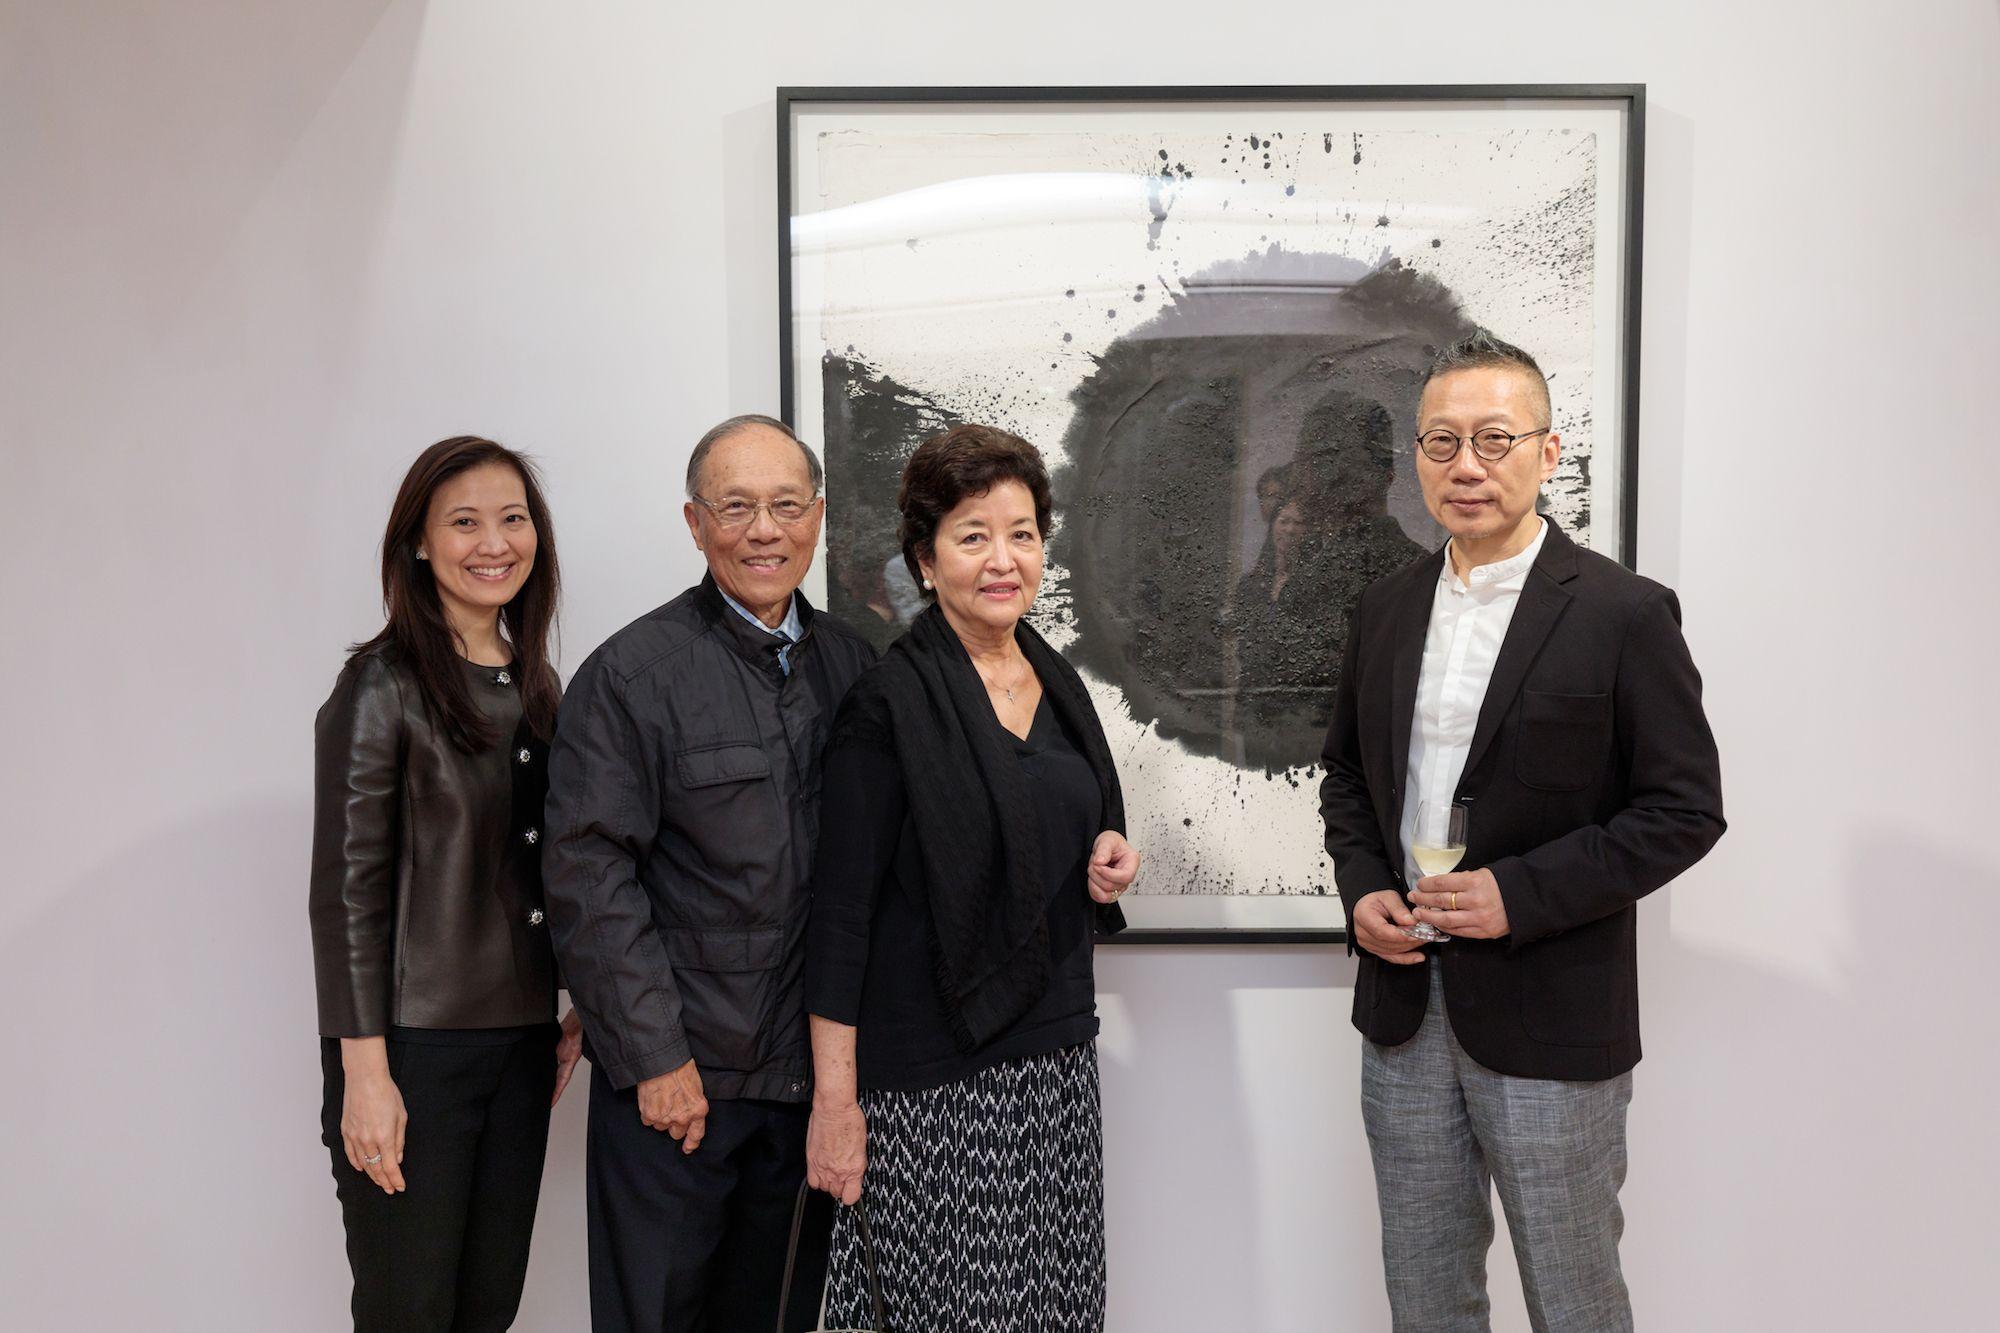 Daphne King-Yao, Kenneth Fung, Nelly Fung, Zhang Jianjun